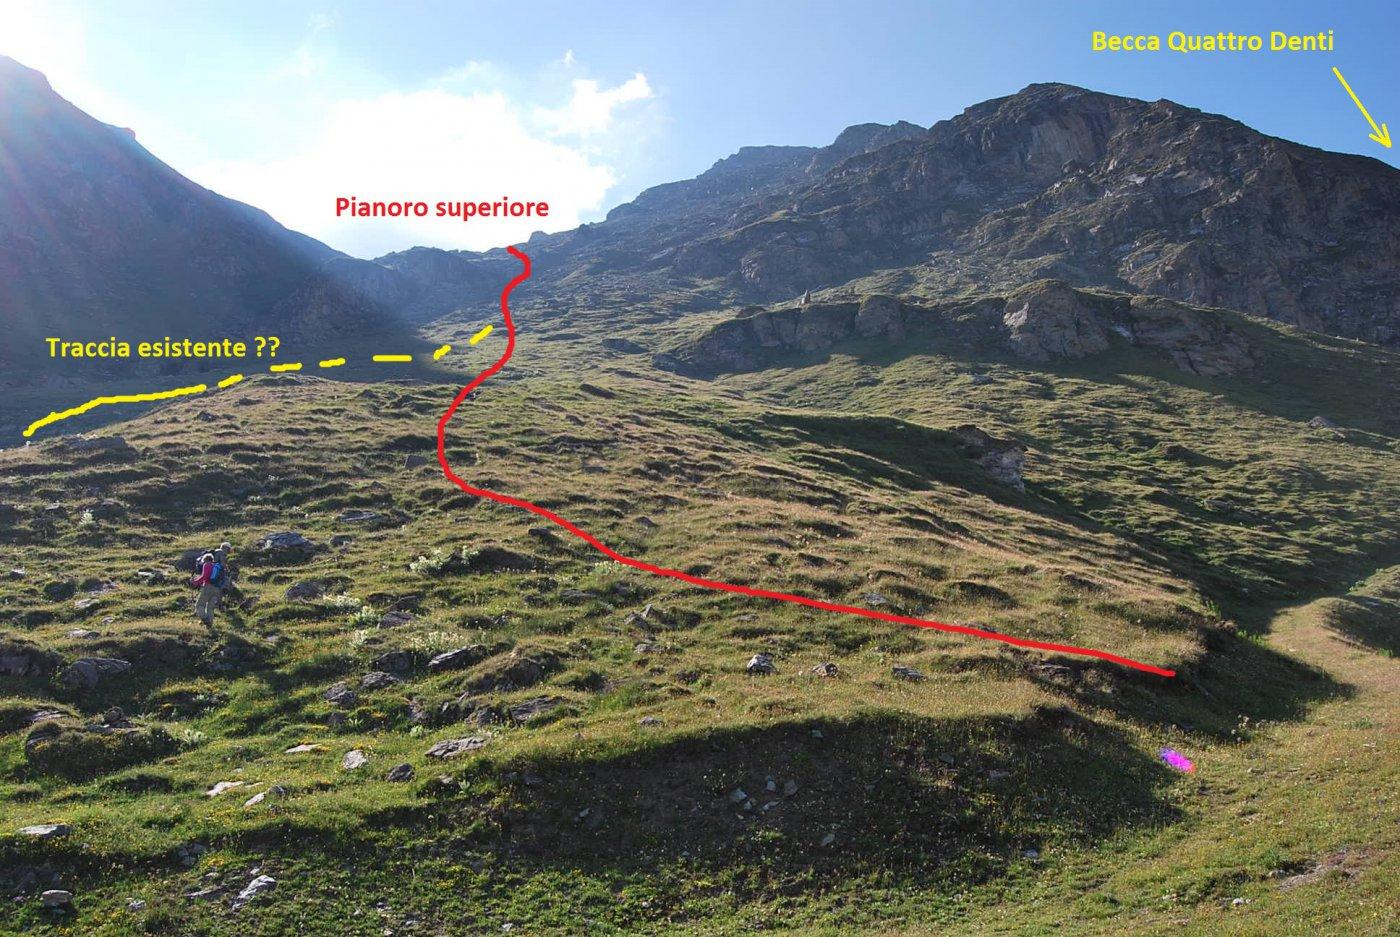 Il canalone di salita da Maison Forte. In rosso il percorso libero, in giallo la possibile traccia che poi si incrocia al torrente